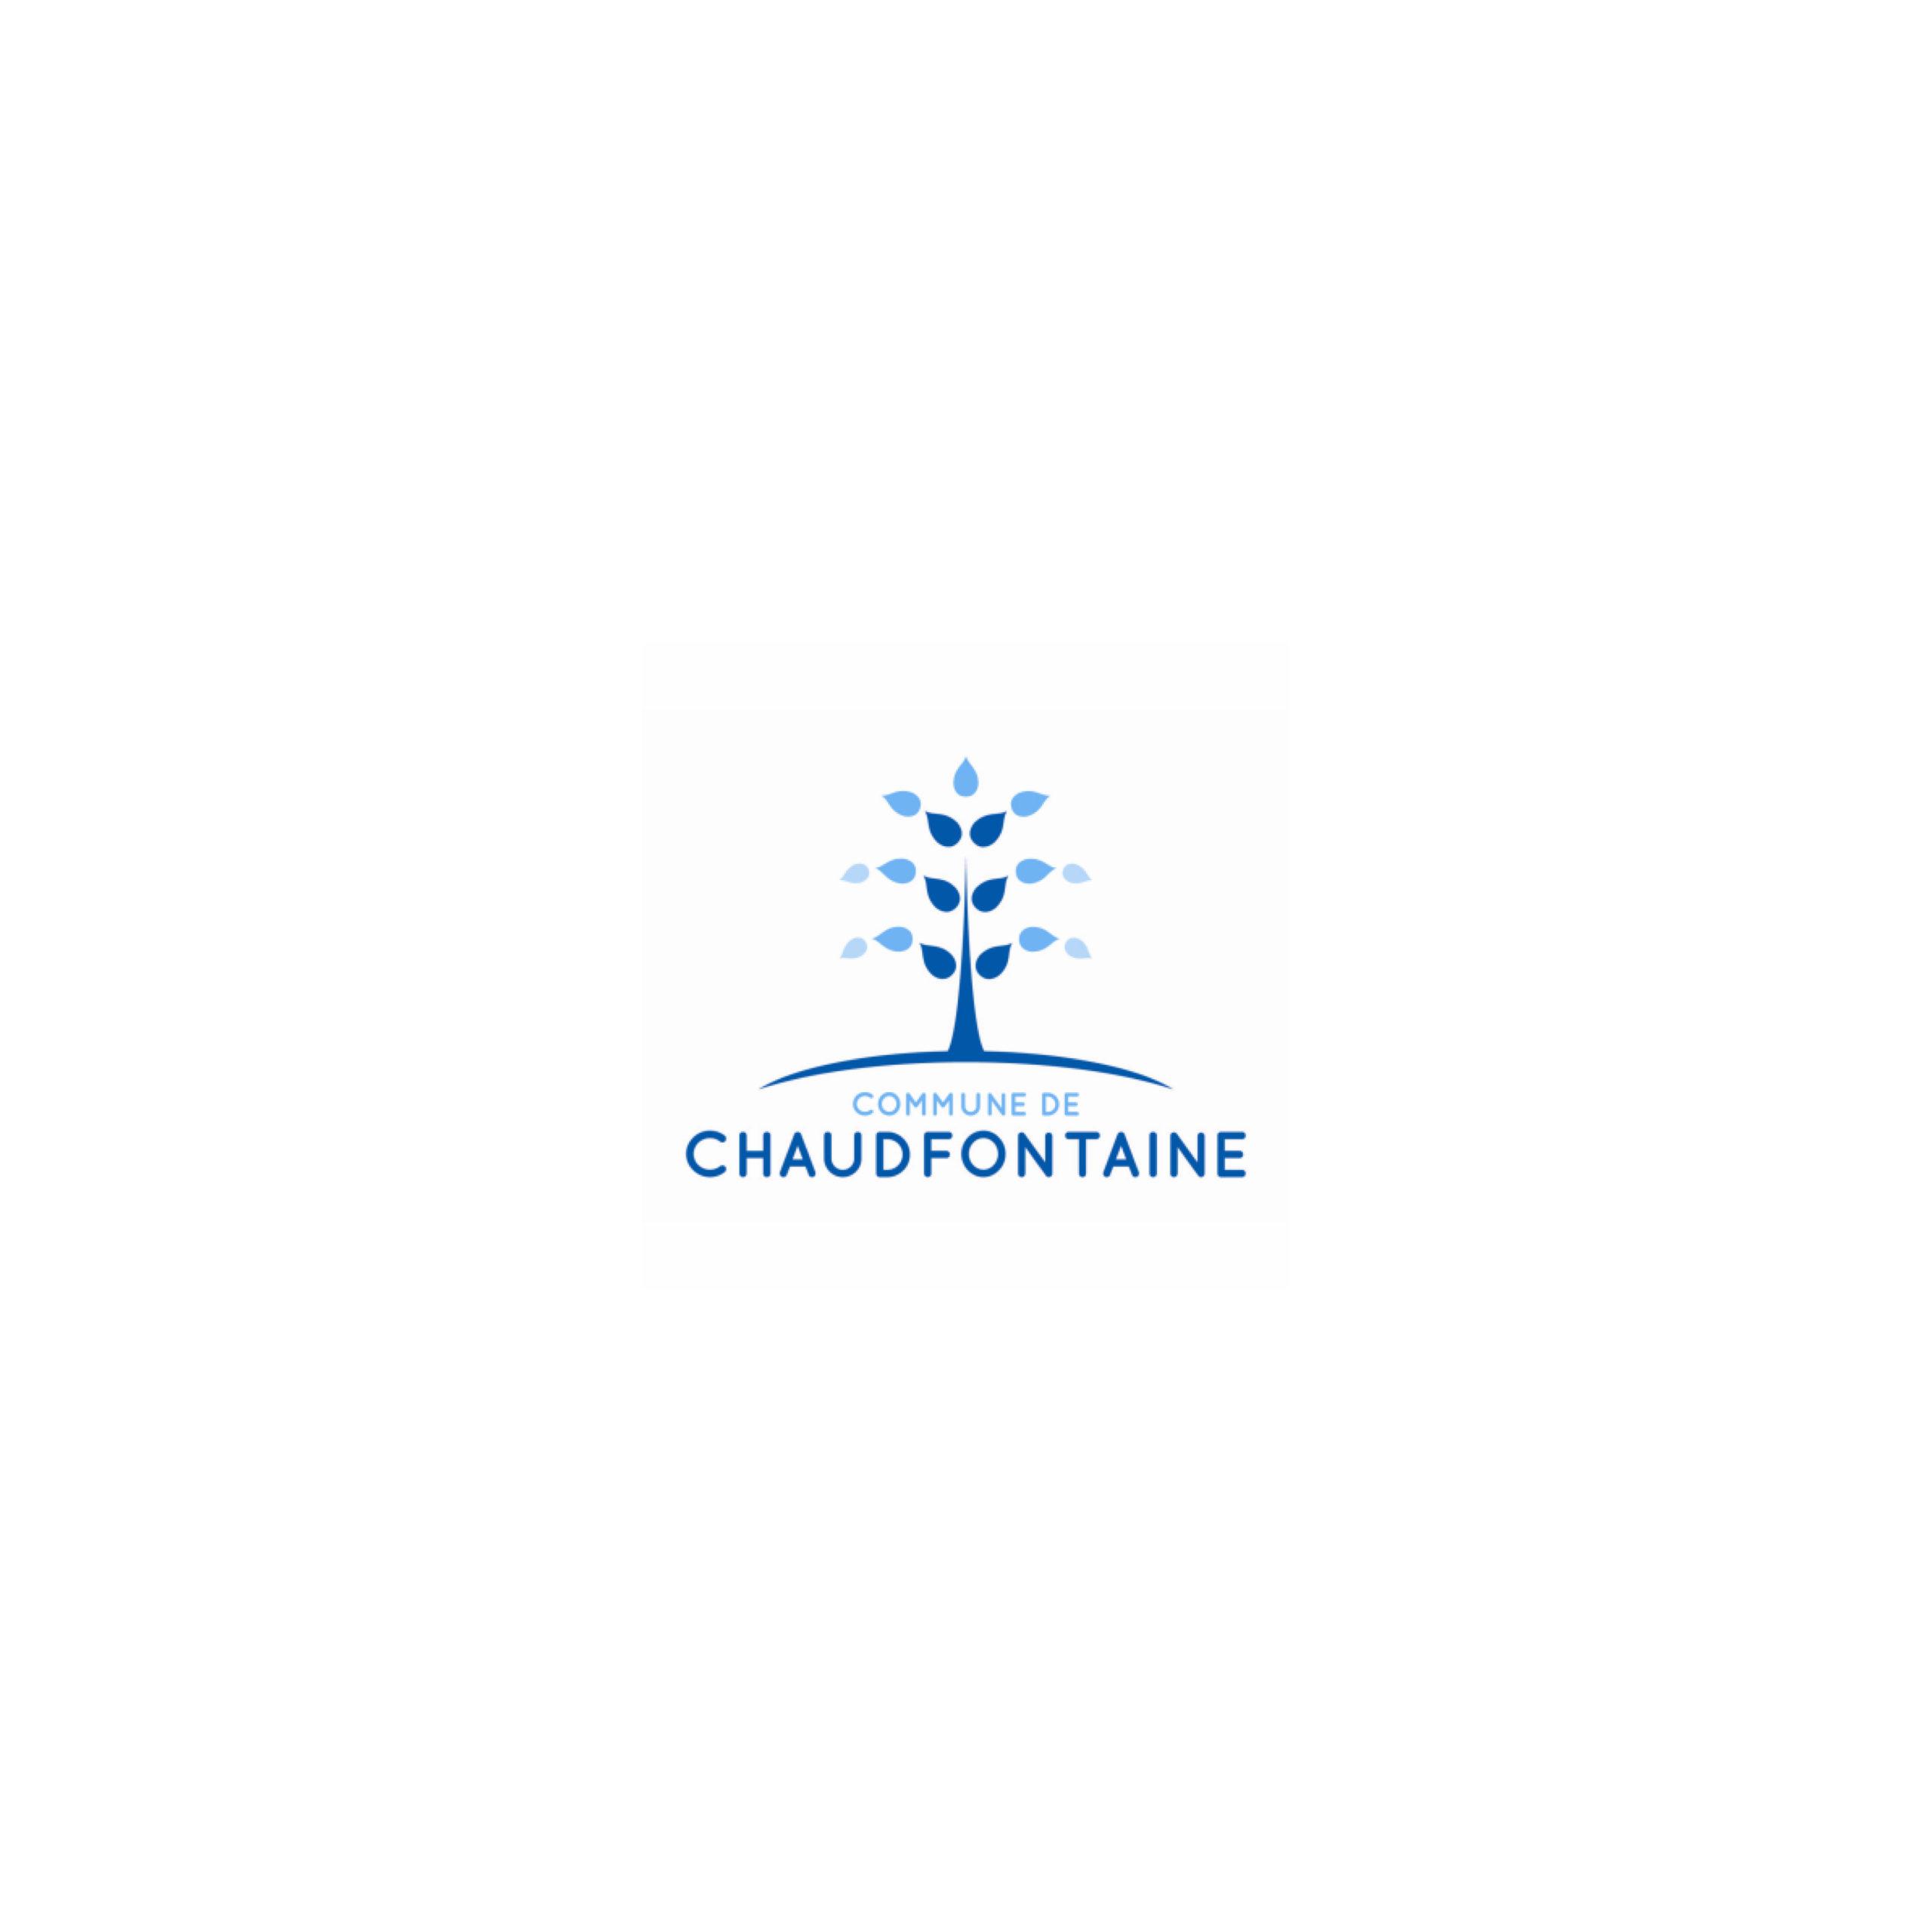 Commune de Chaudfontaine